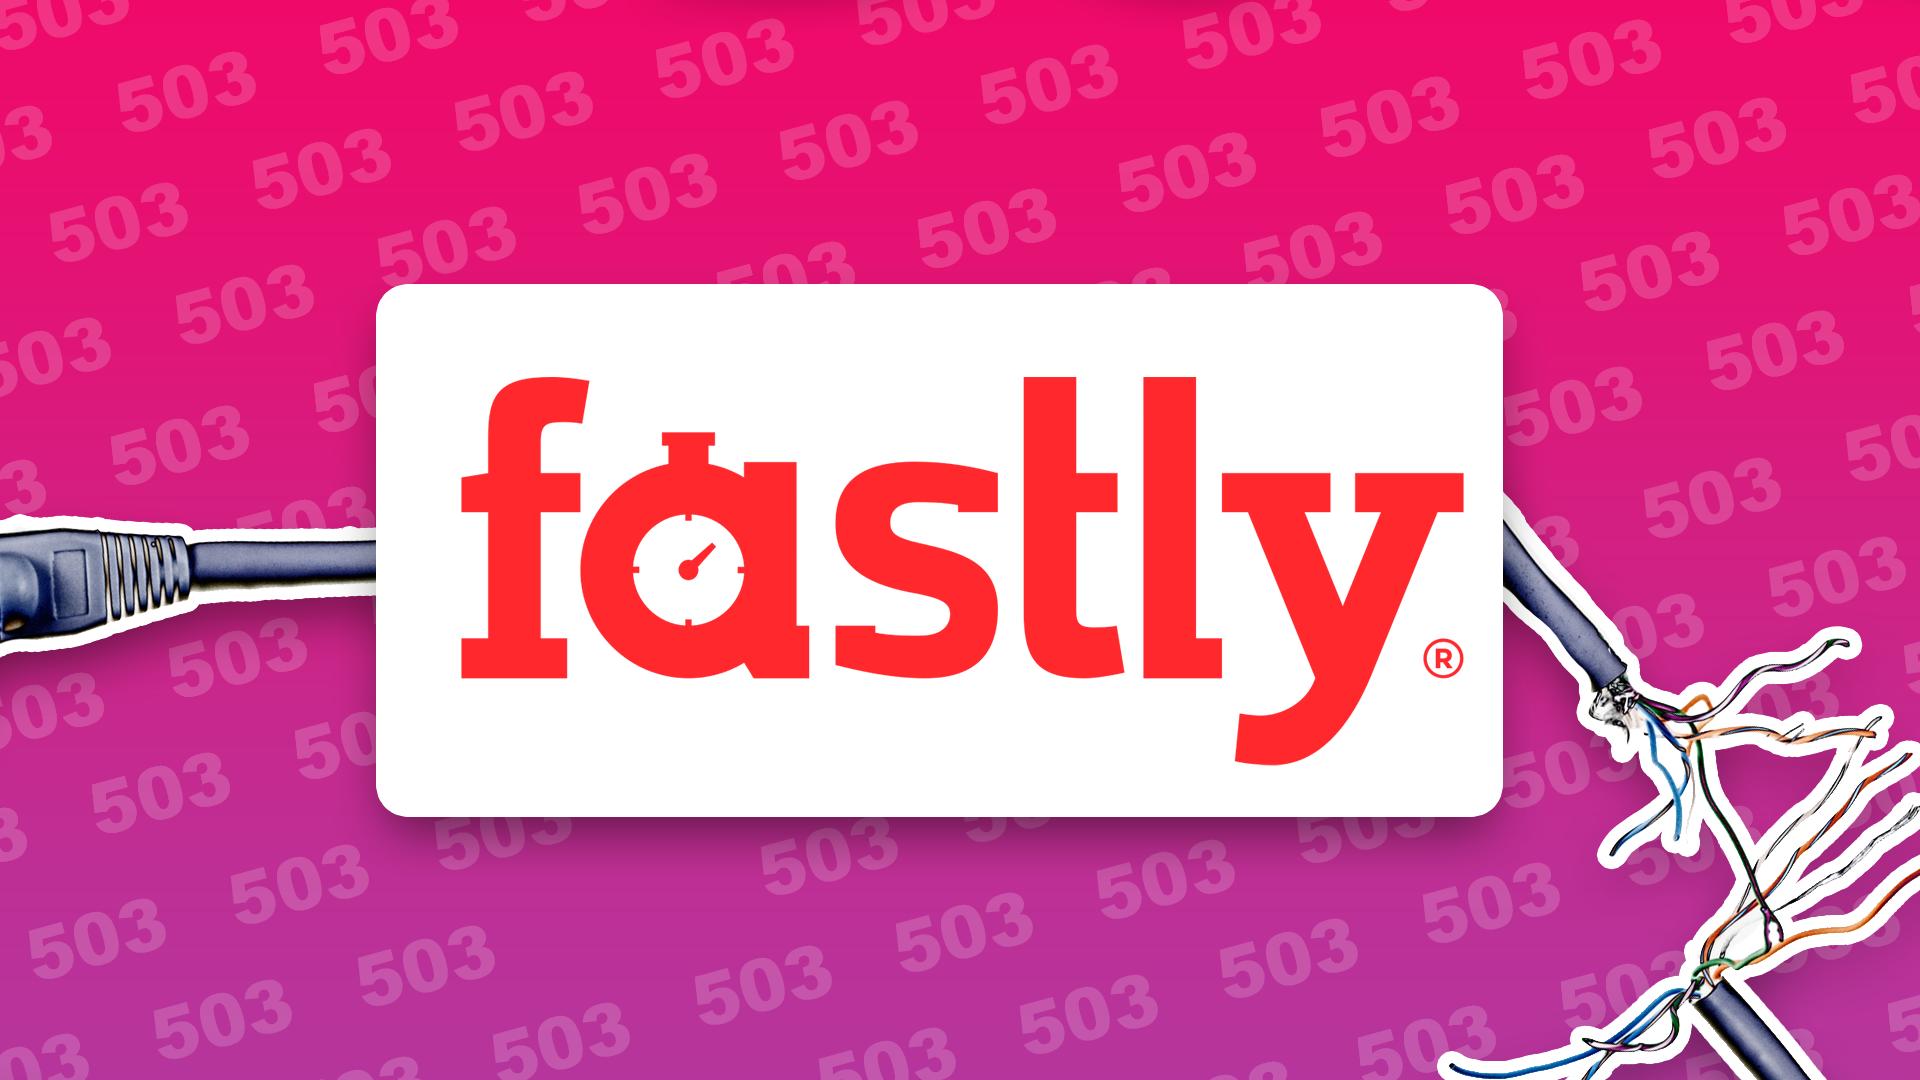 Logotipo de Fastly con un cable de conexión de internet roto